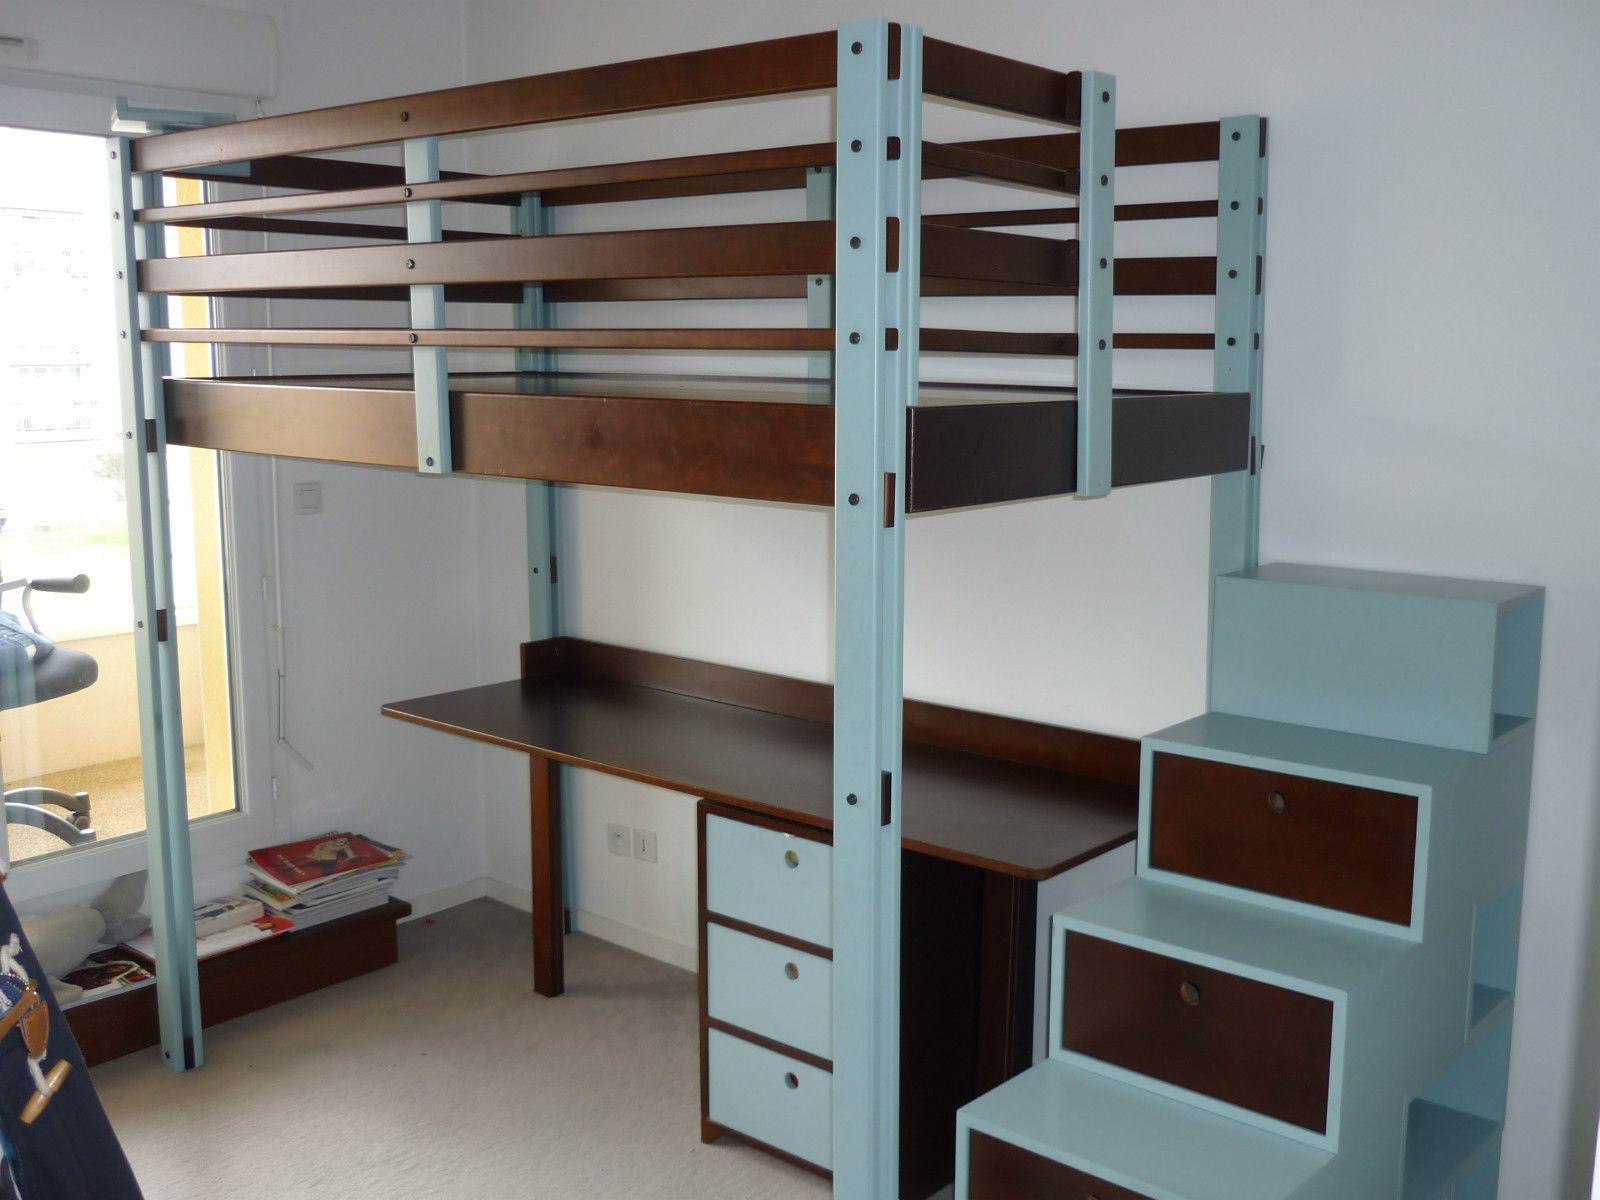 lit bureau mezzanine armoire pour petits espaces. Black Bedroom Furniture Sets. Home Design Ideas